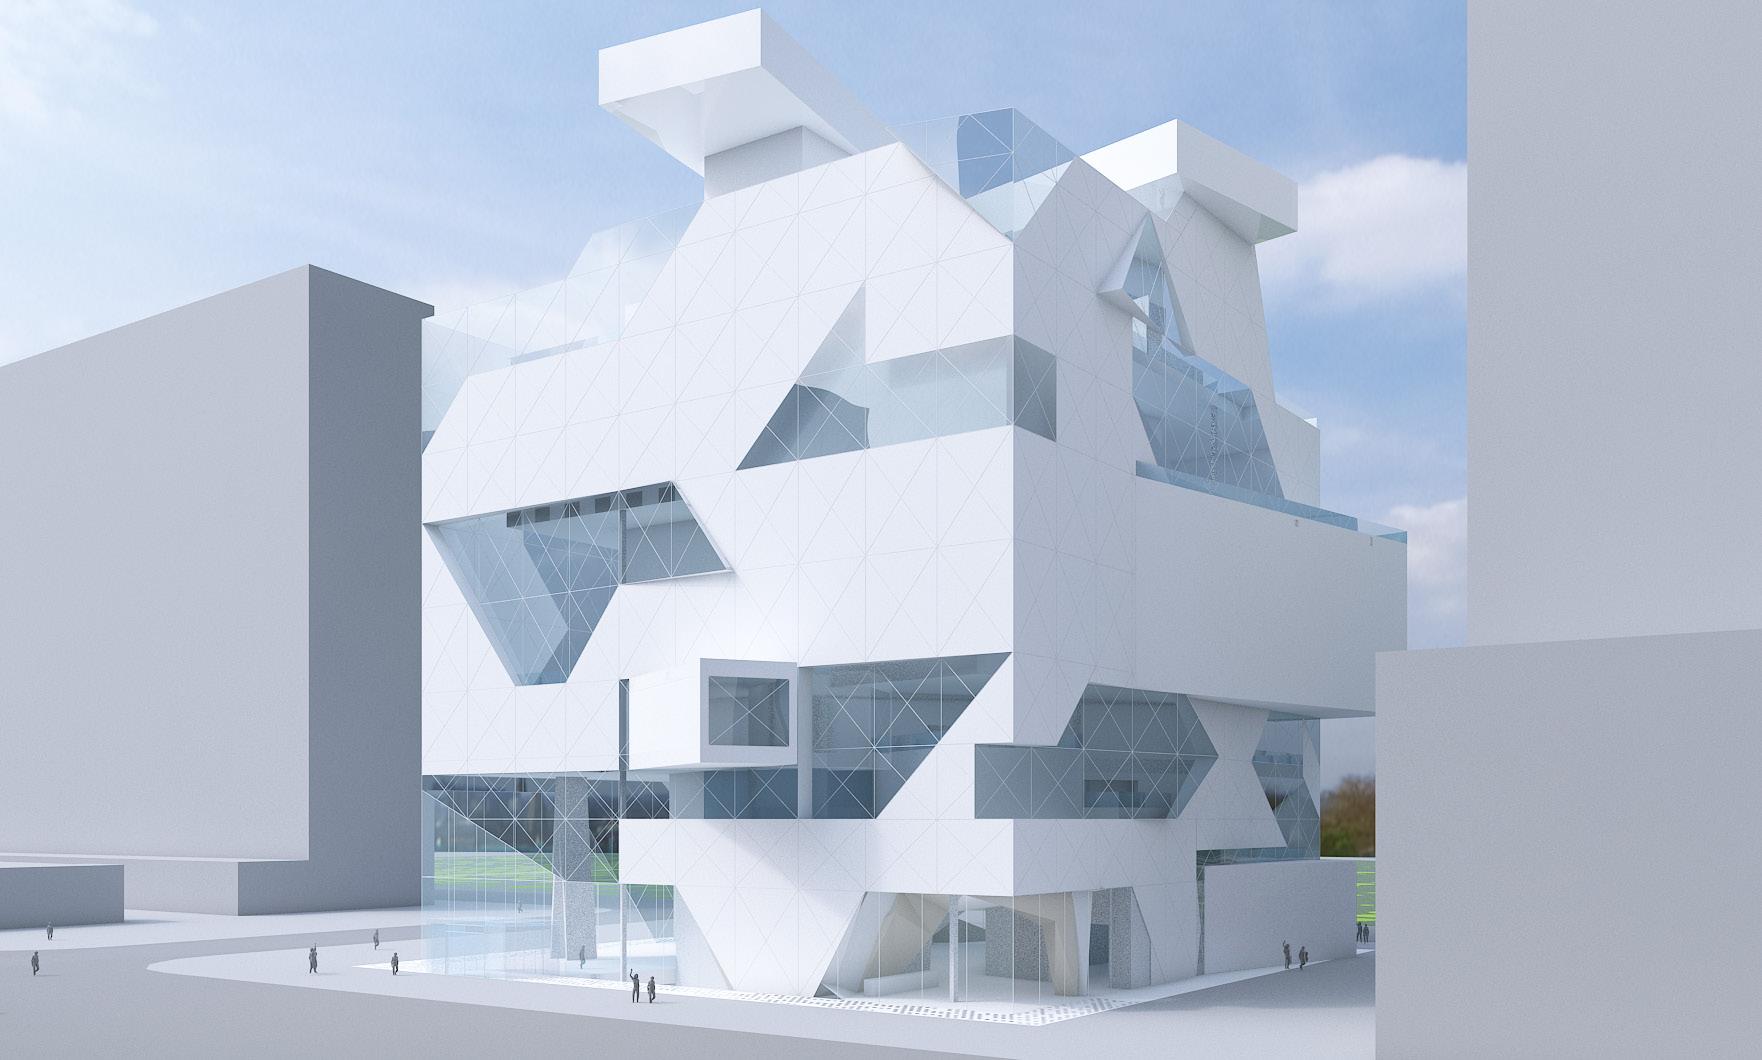 Der renommierte Architekt Hani Rashid soll bis 2022 in der russischen Hauptstadt eine Filiale der Eremitage eröffnen.